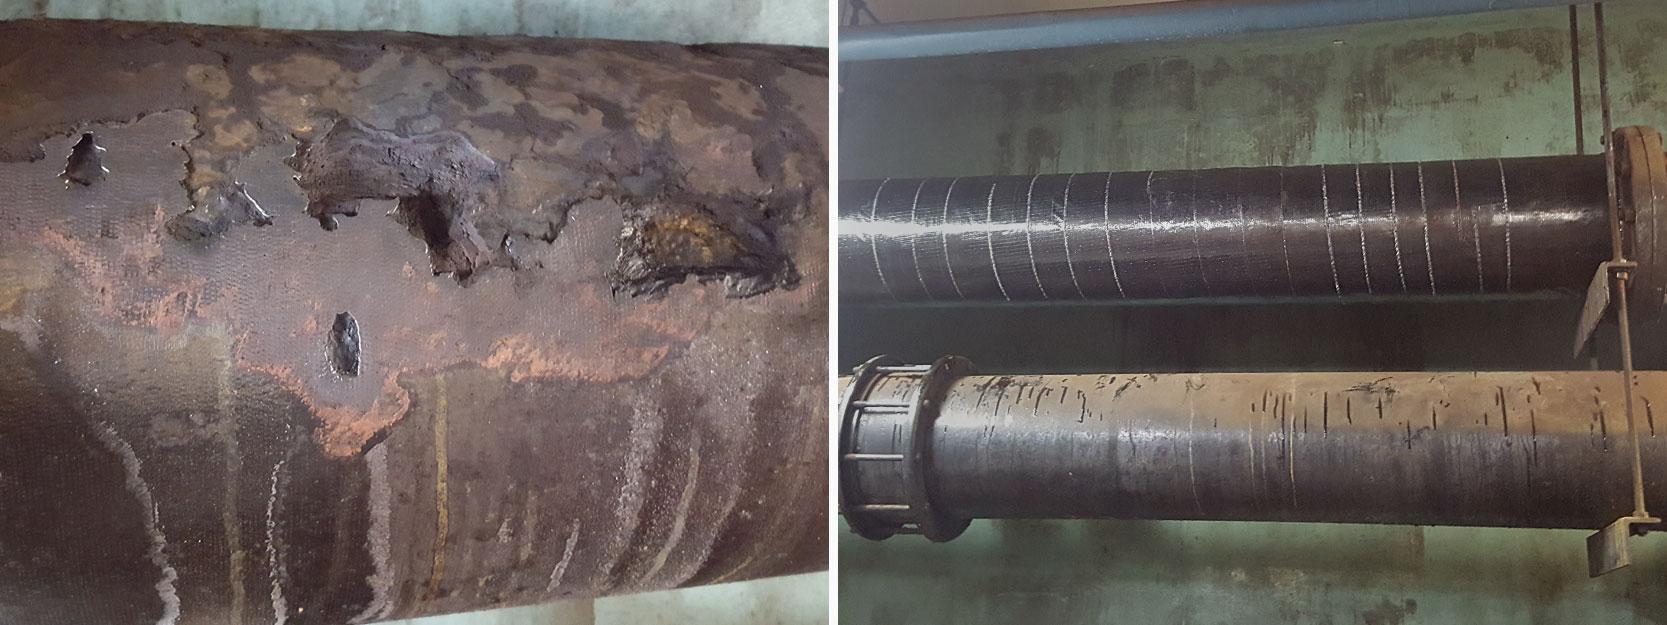 Pipe Wrap Repair